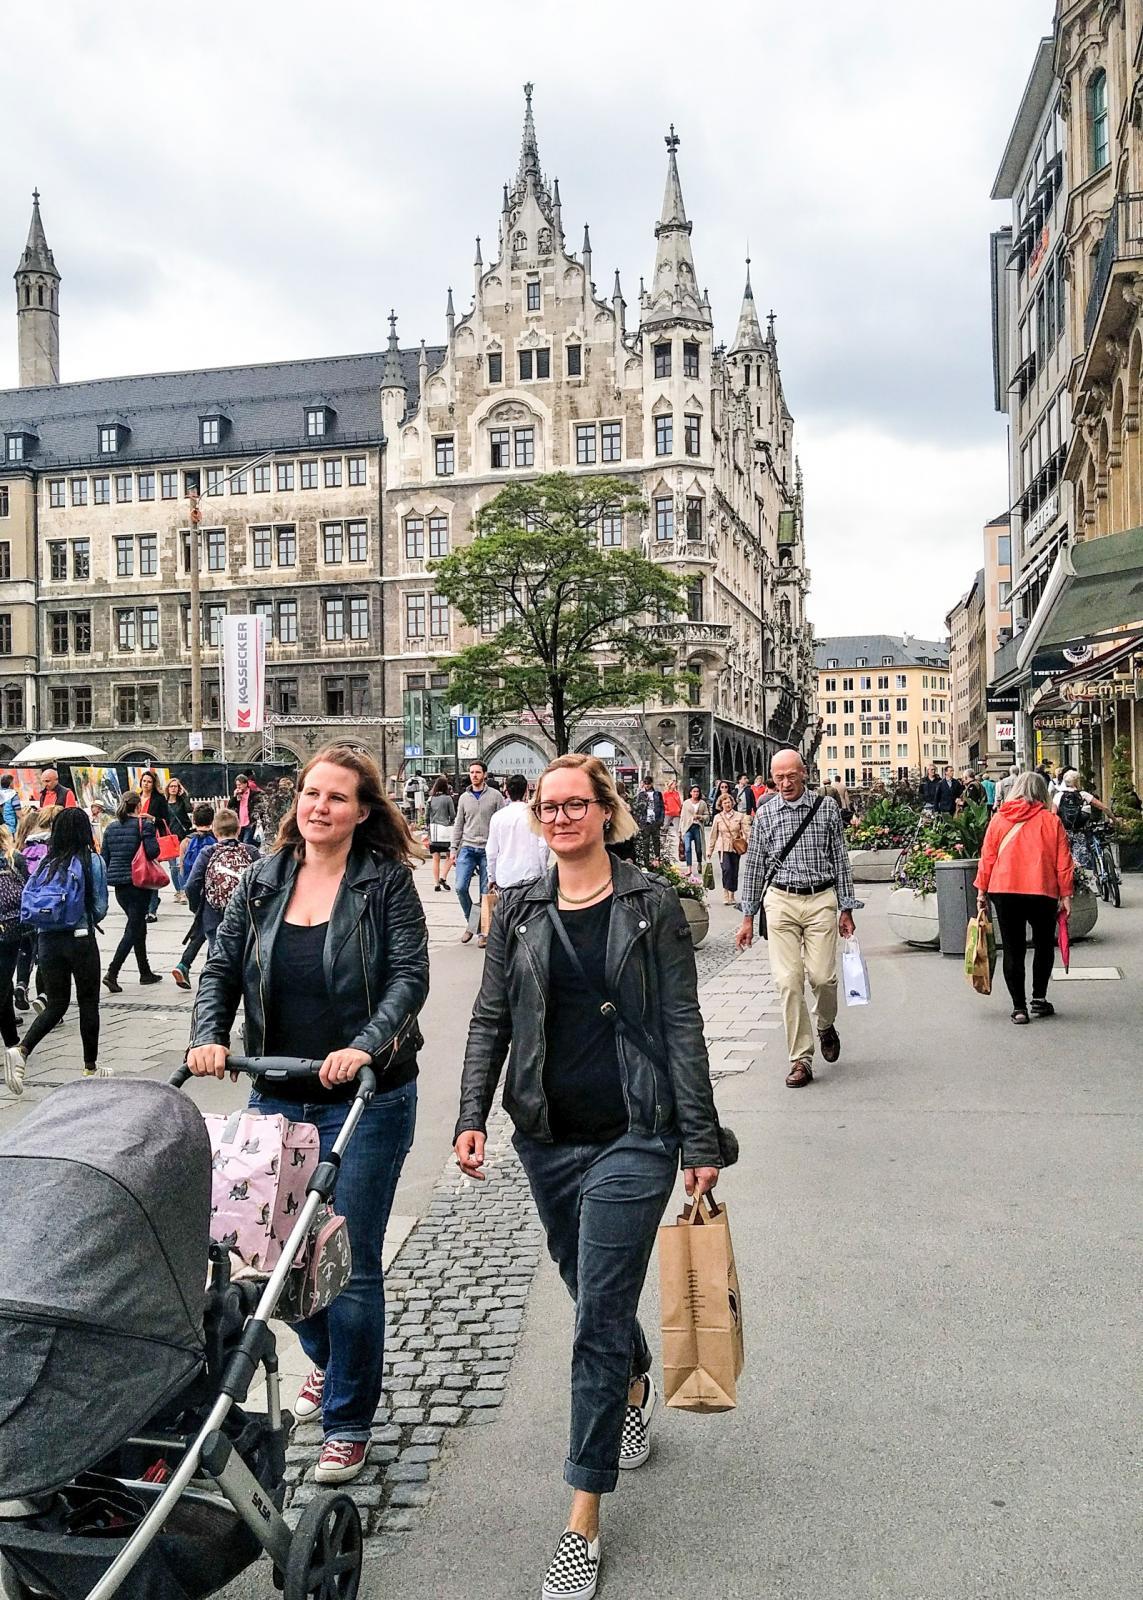 Centrala München sommaren 2019, alltså på den tiden vi sällan såg munskydd på folket i Europa.